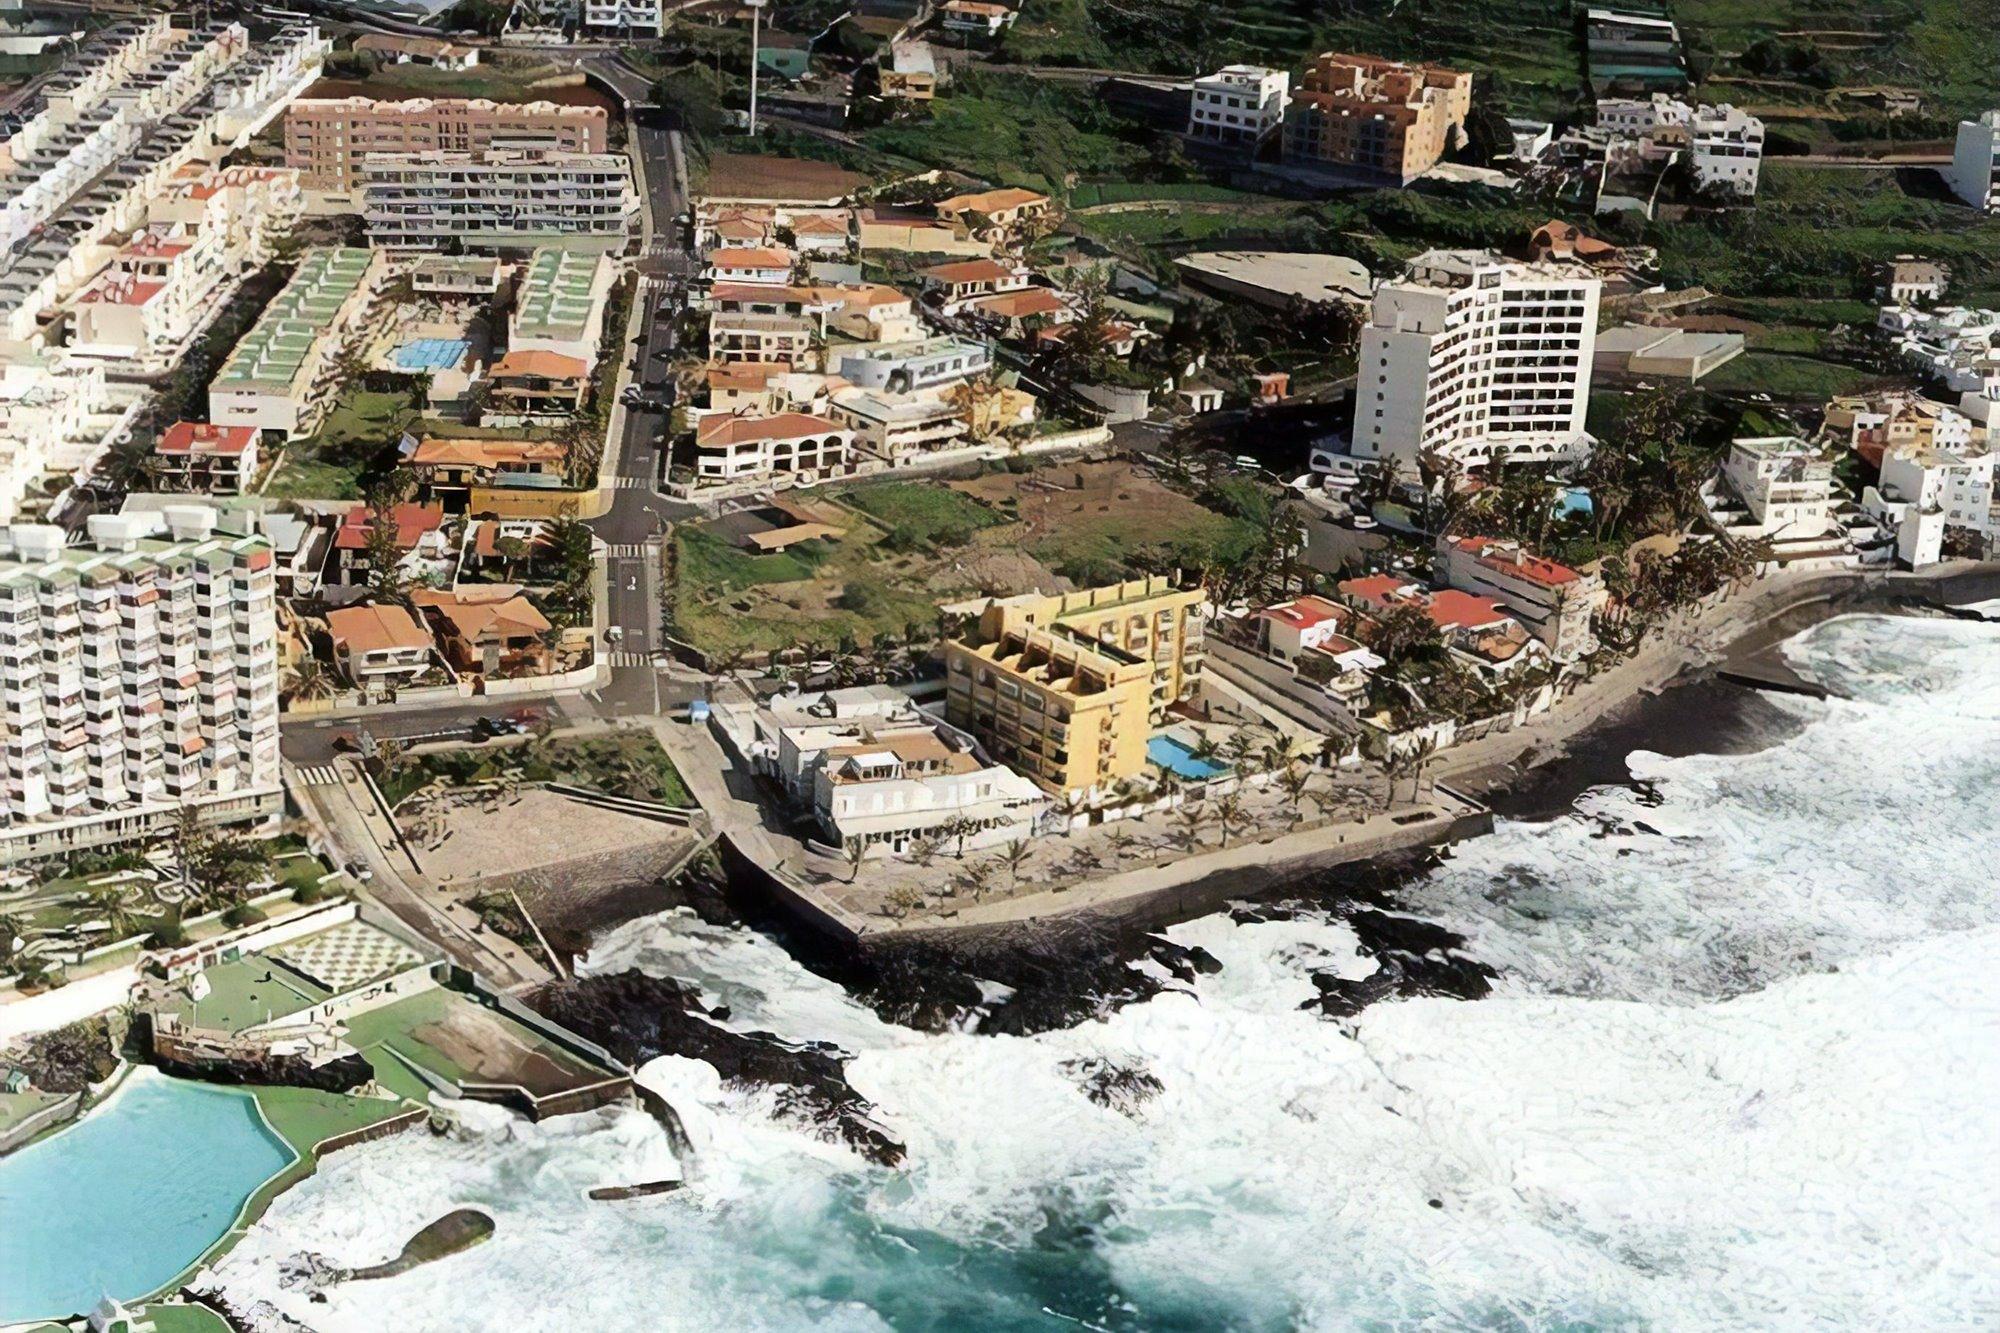 Playa de Arenisco